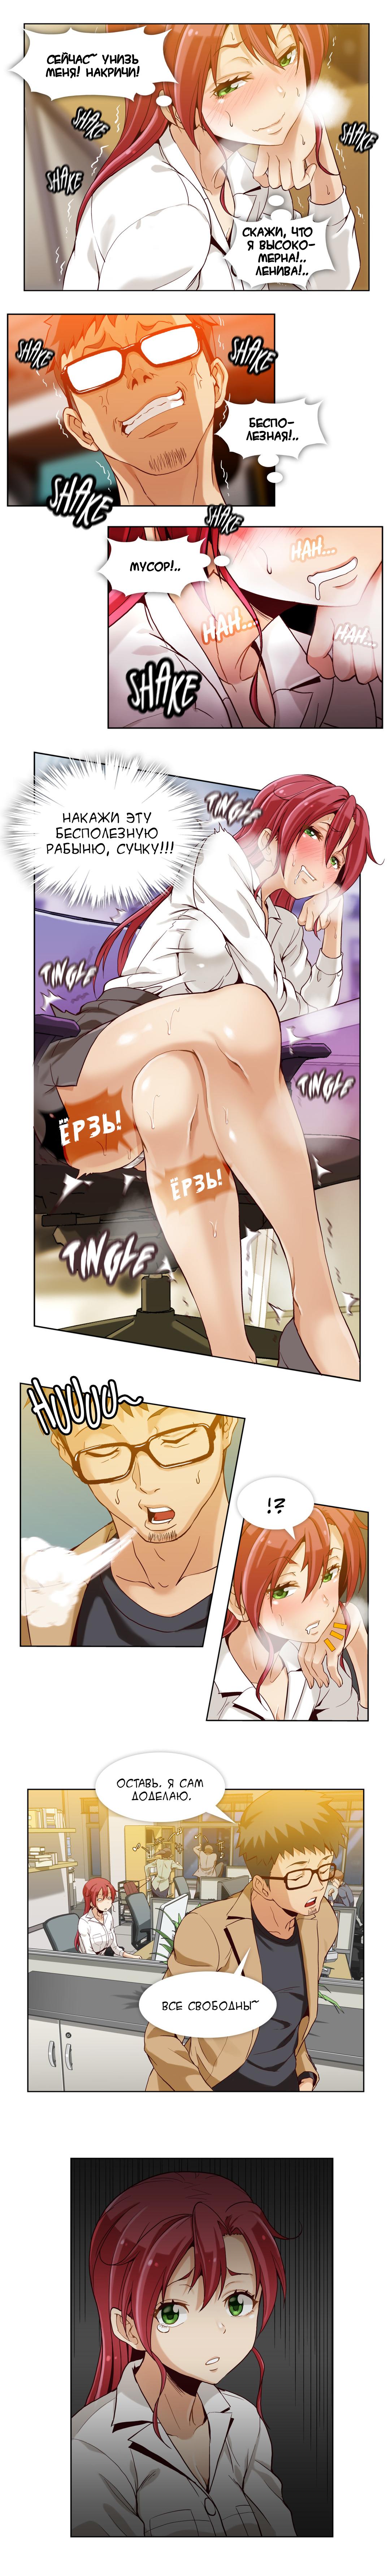 Secret X Folder Глава 1 — Накажите меня, господин!(1) Большие сиськи, Манга,